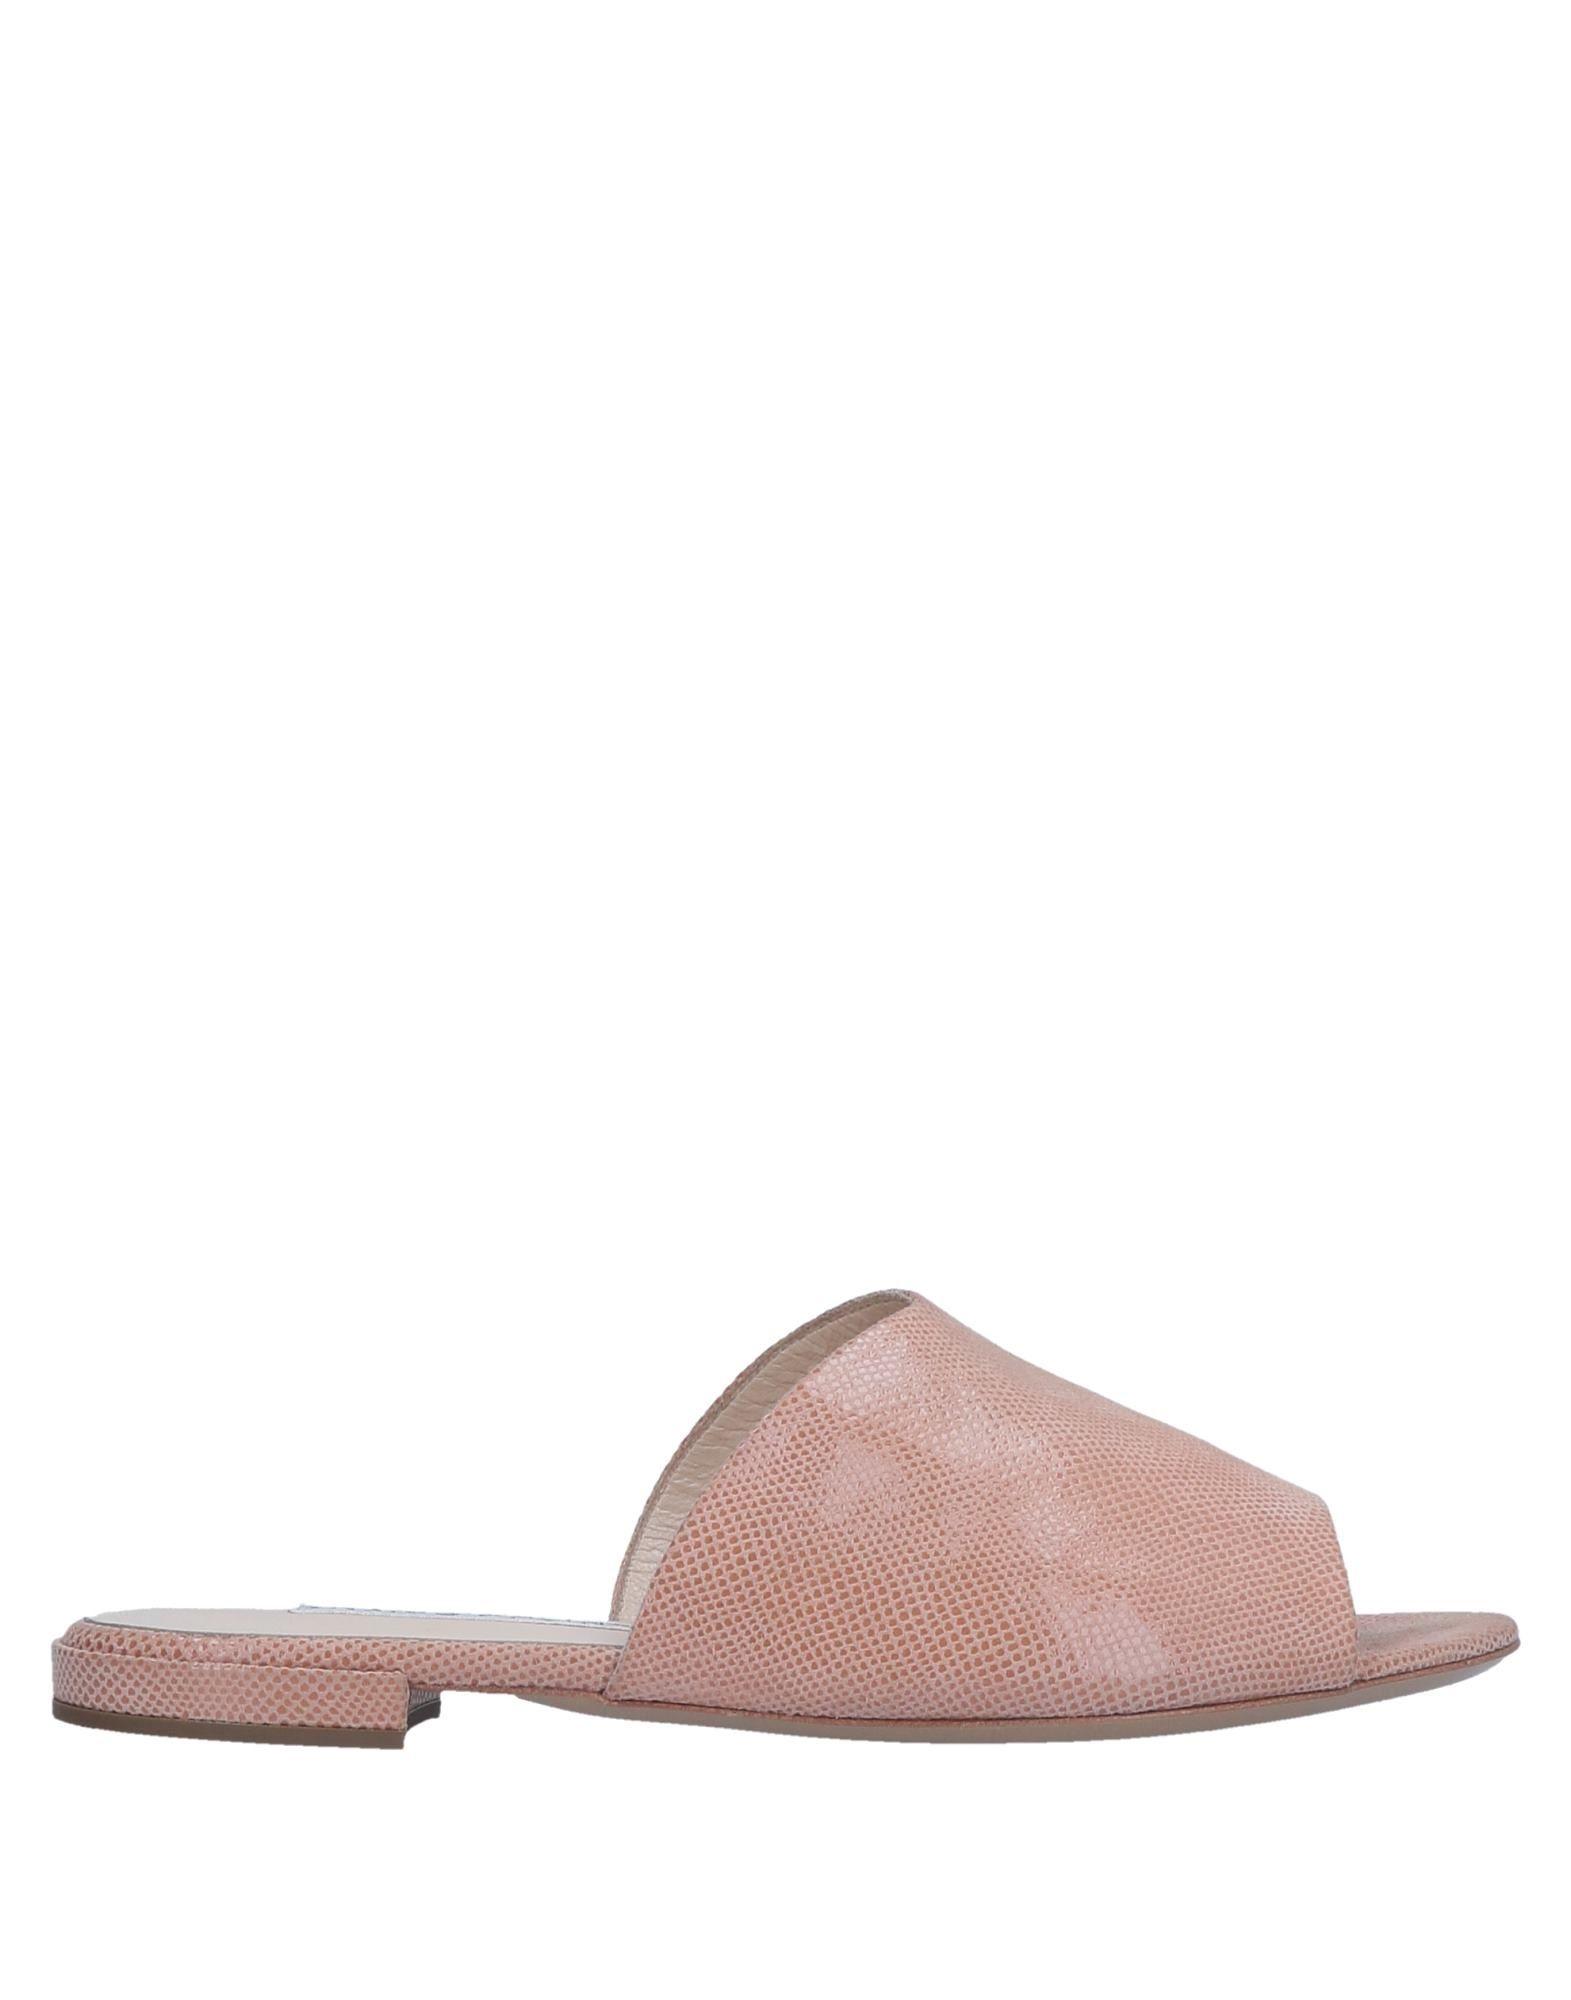 Gut um billige Sandalen Schuhe zu tragenEnrico Antinori Sandalen billige Damen  11547074VX 4fae08